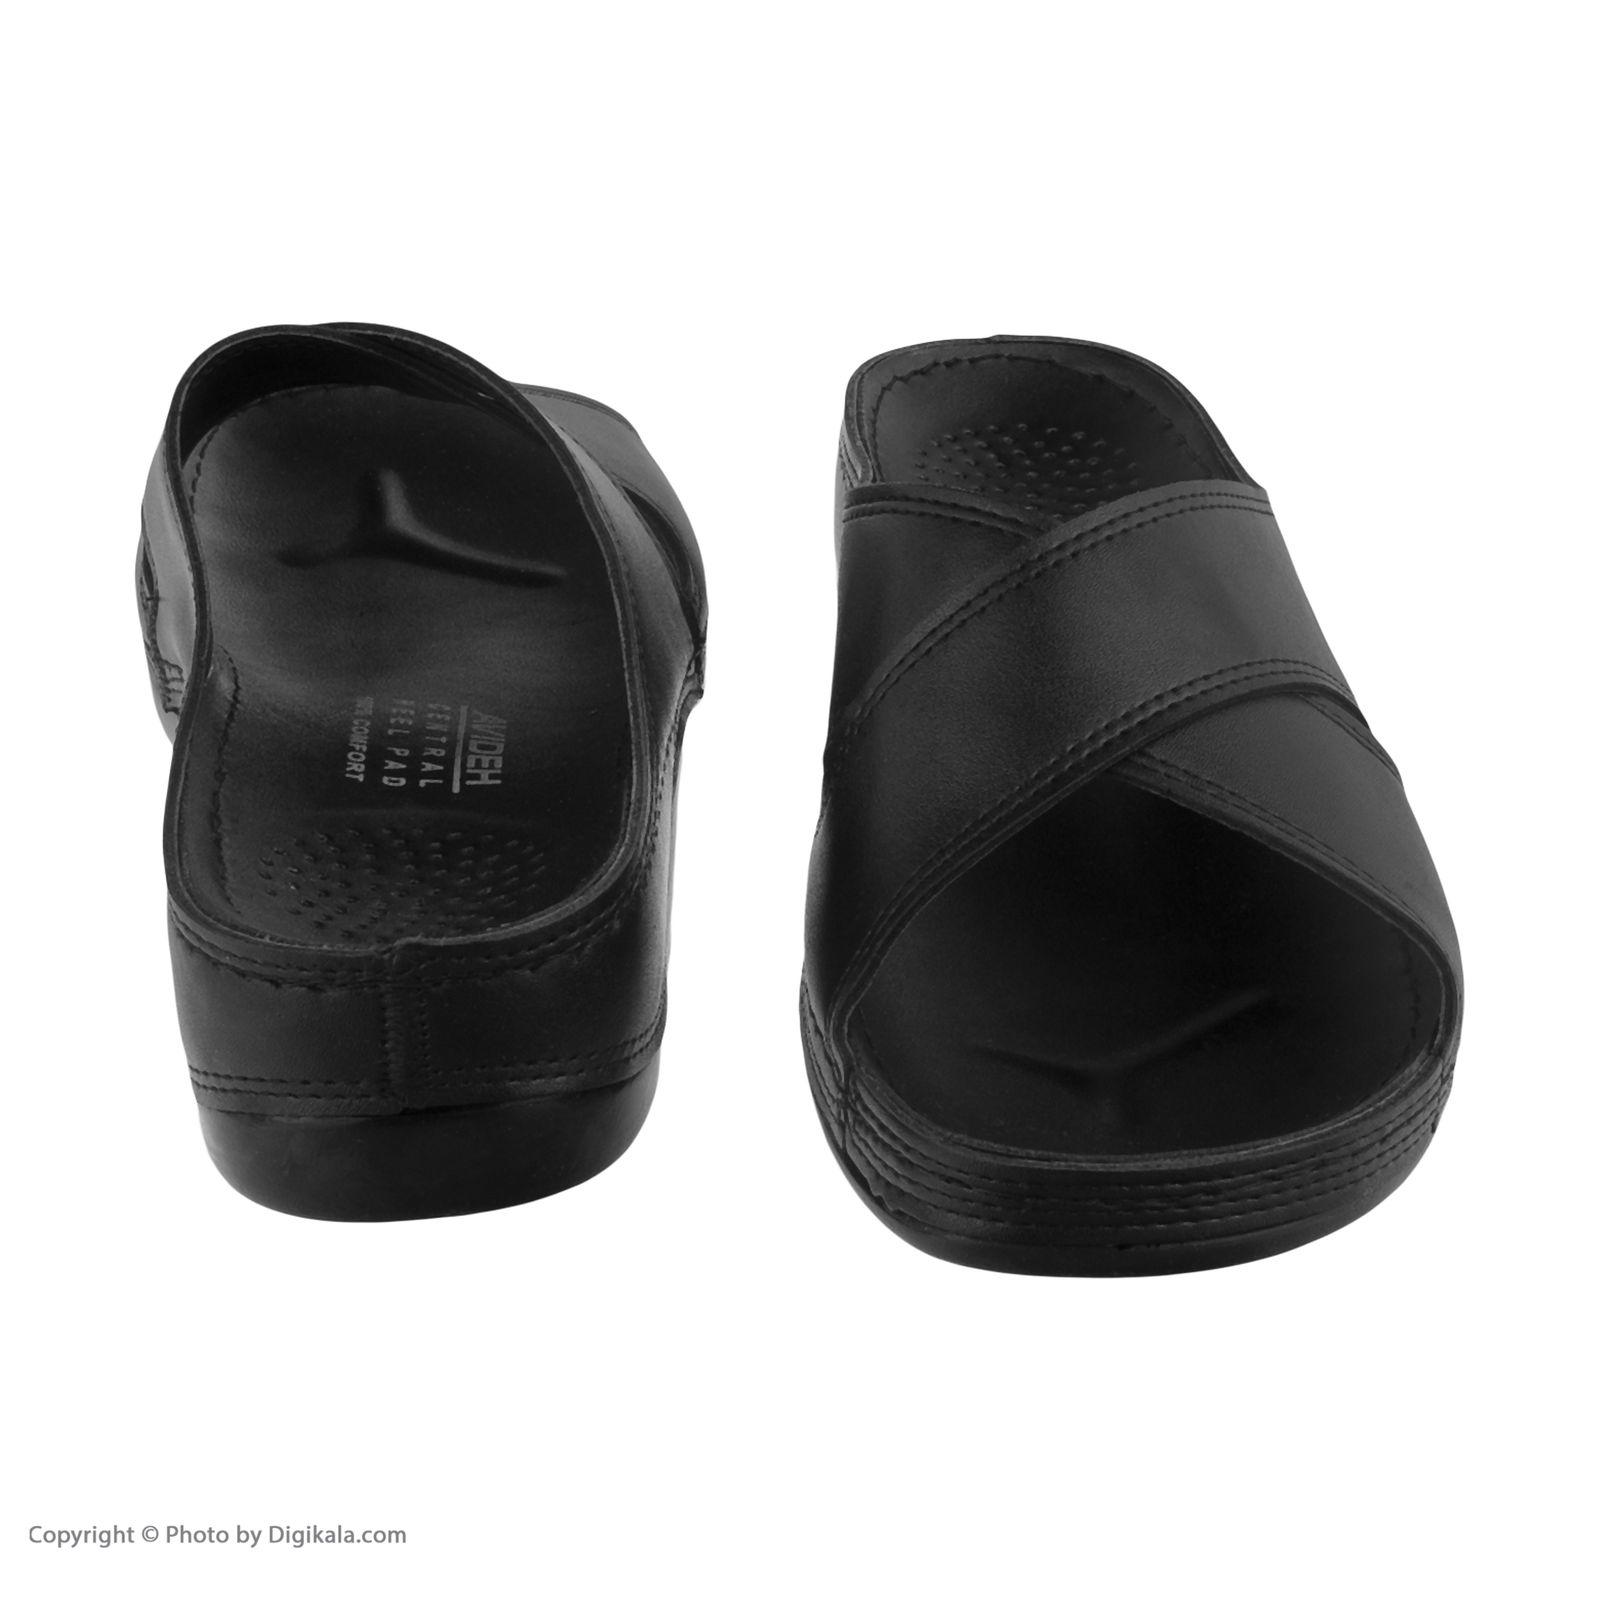 دمپایی زنانه کفش آویده کد av-0304501 رنگ مشکی -  - 8